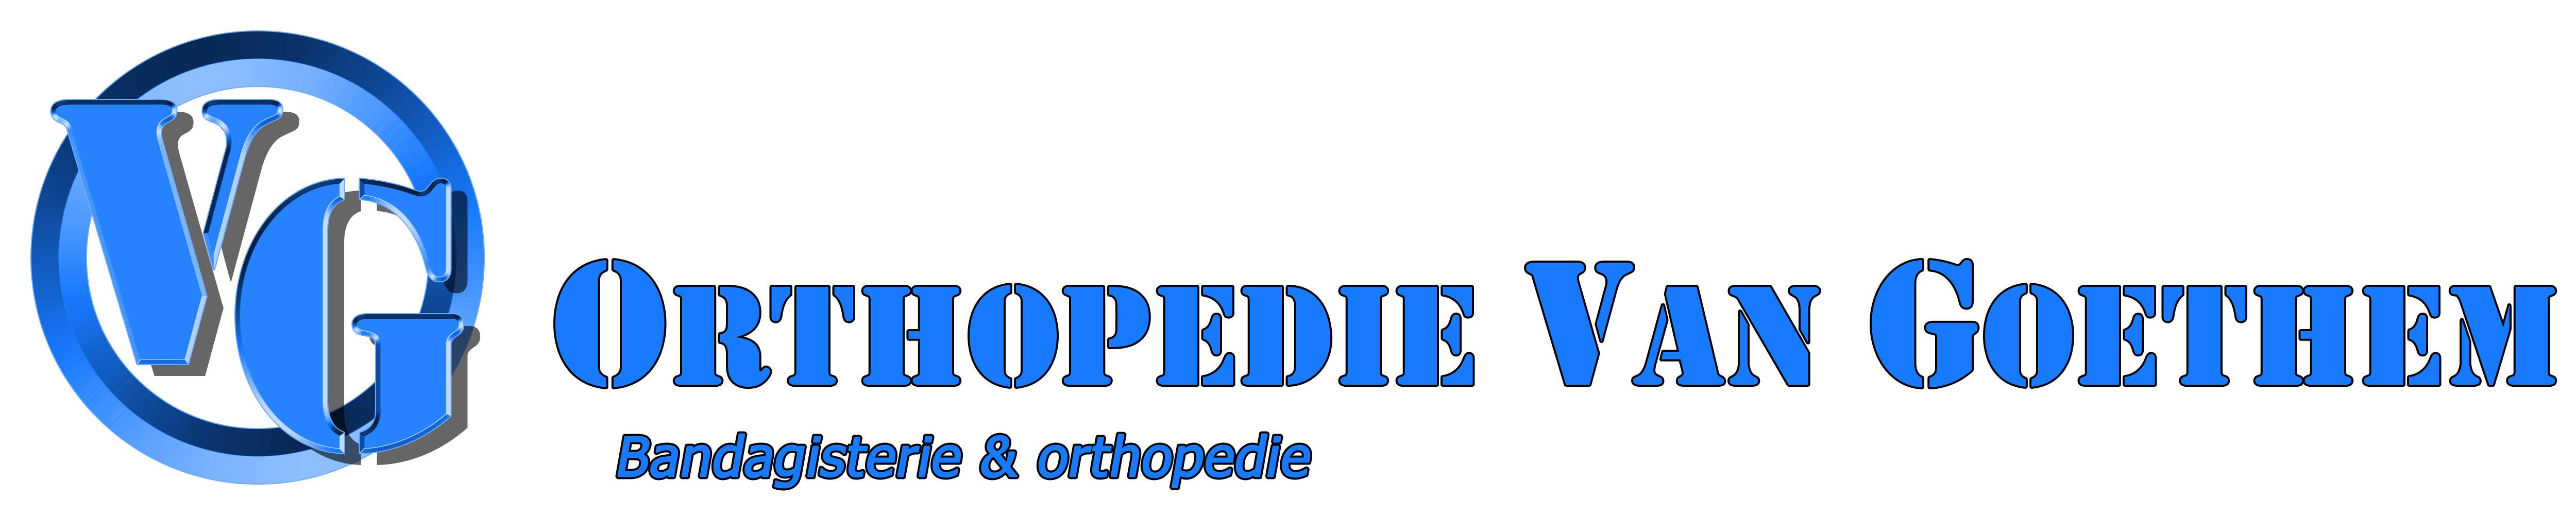 Orthopedie Van Goethem logo